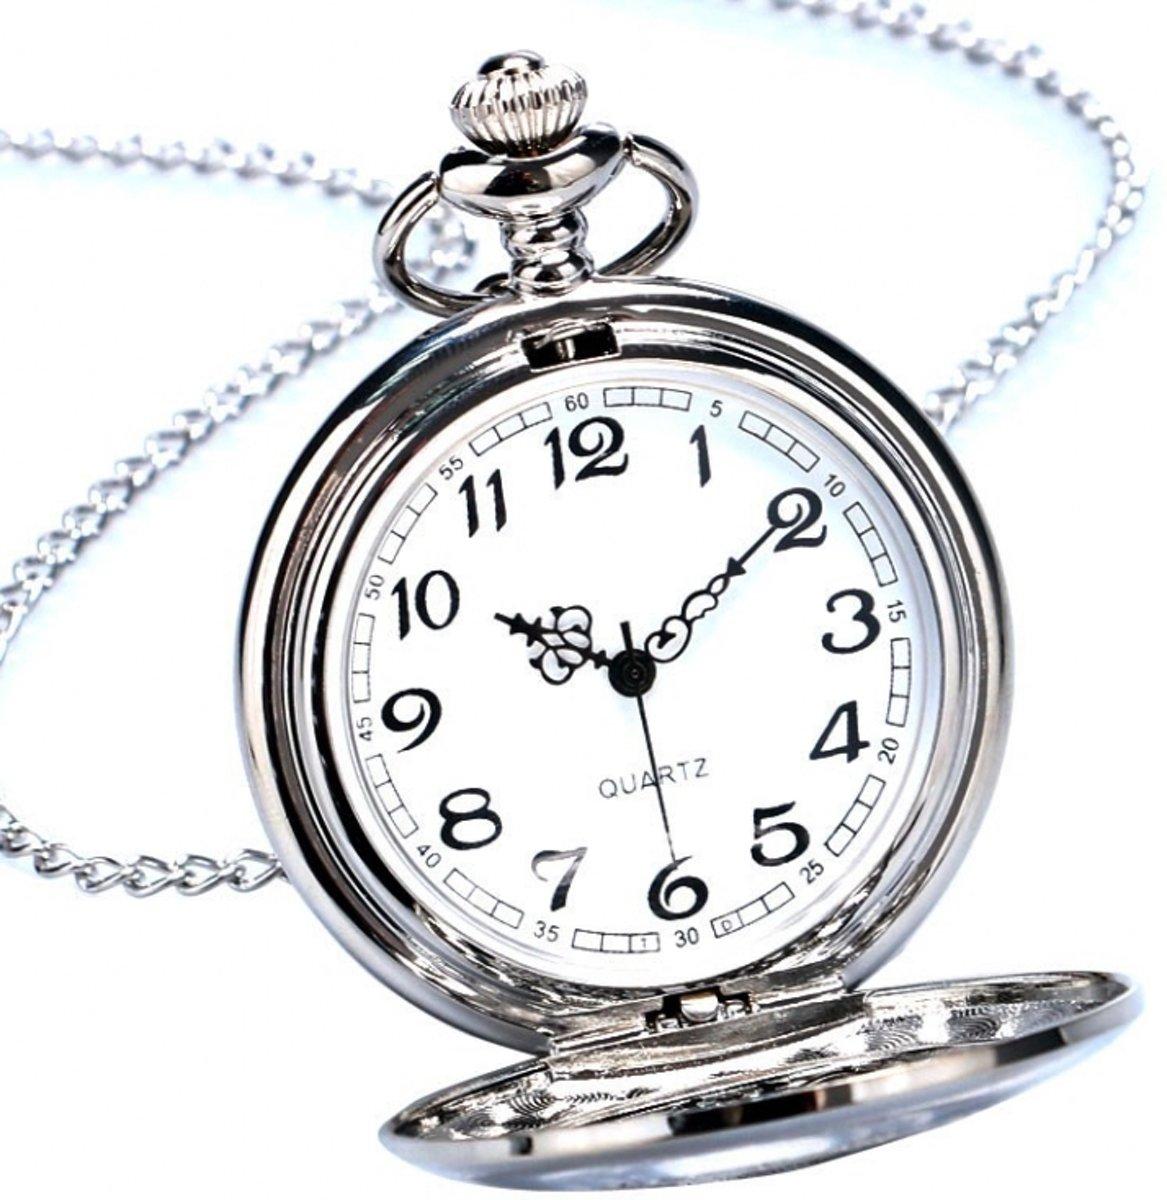 Ketting horloge zilver antique #45 kopen